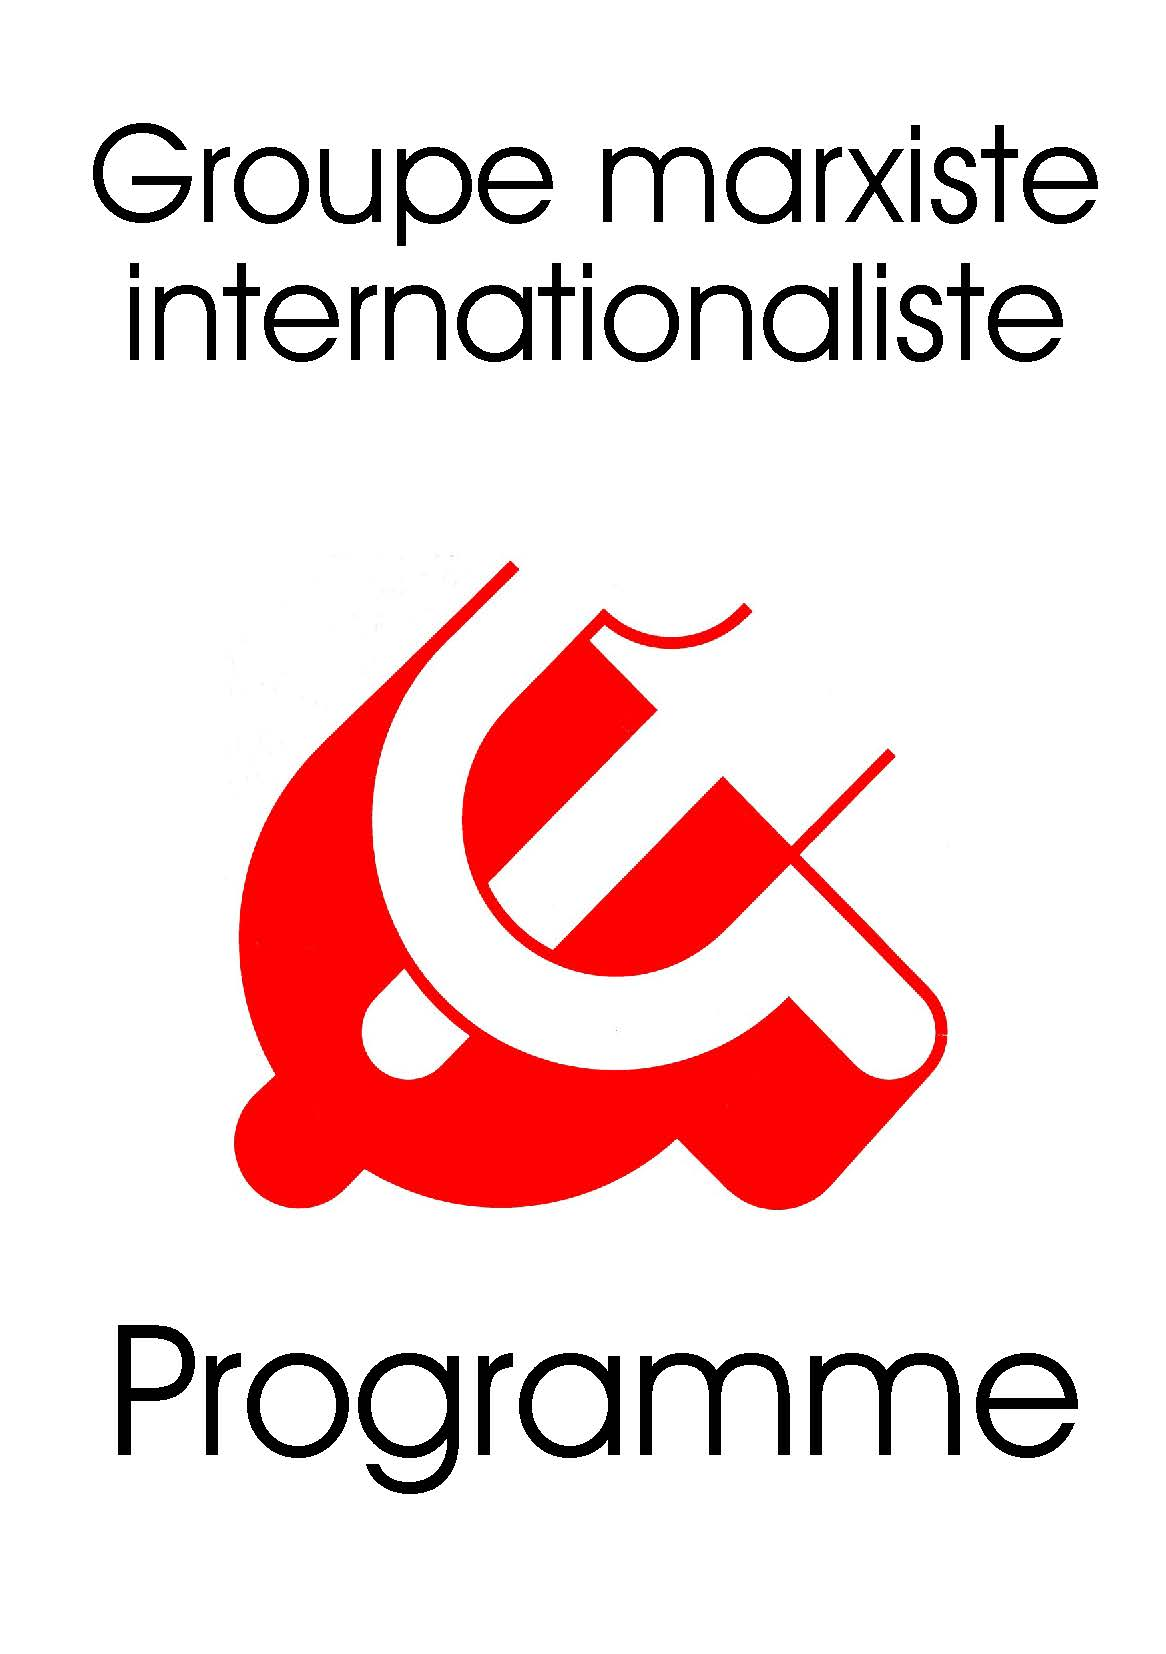 Programme d'action